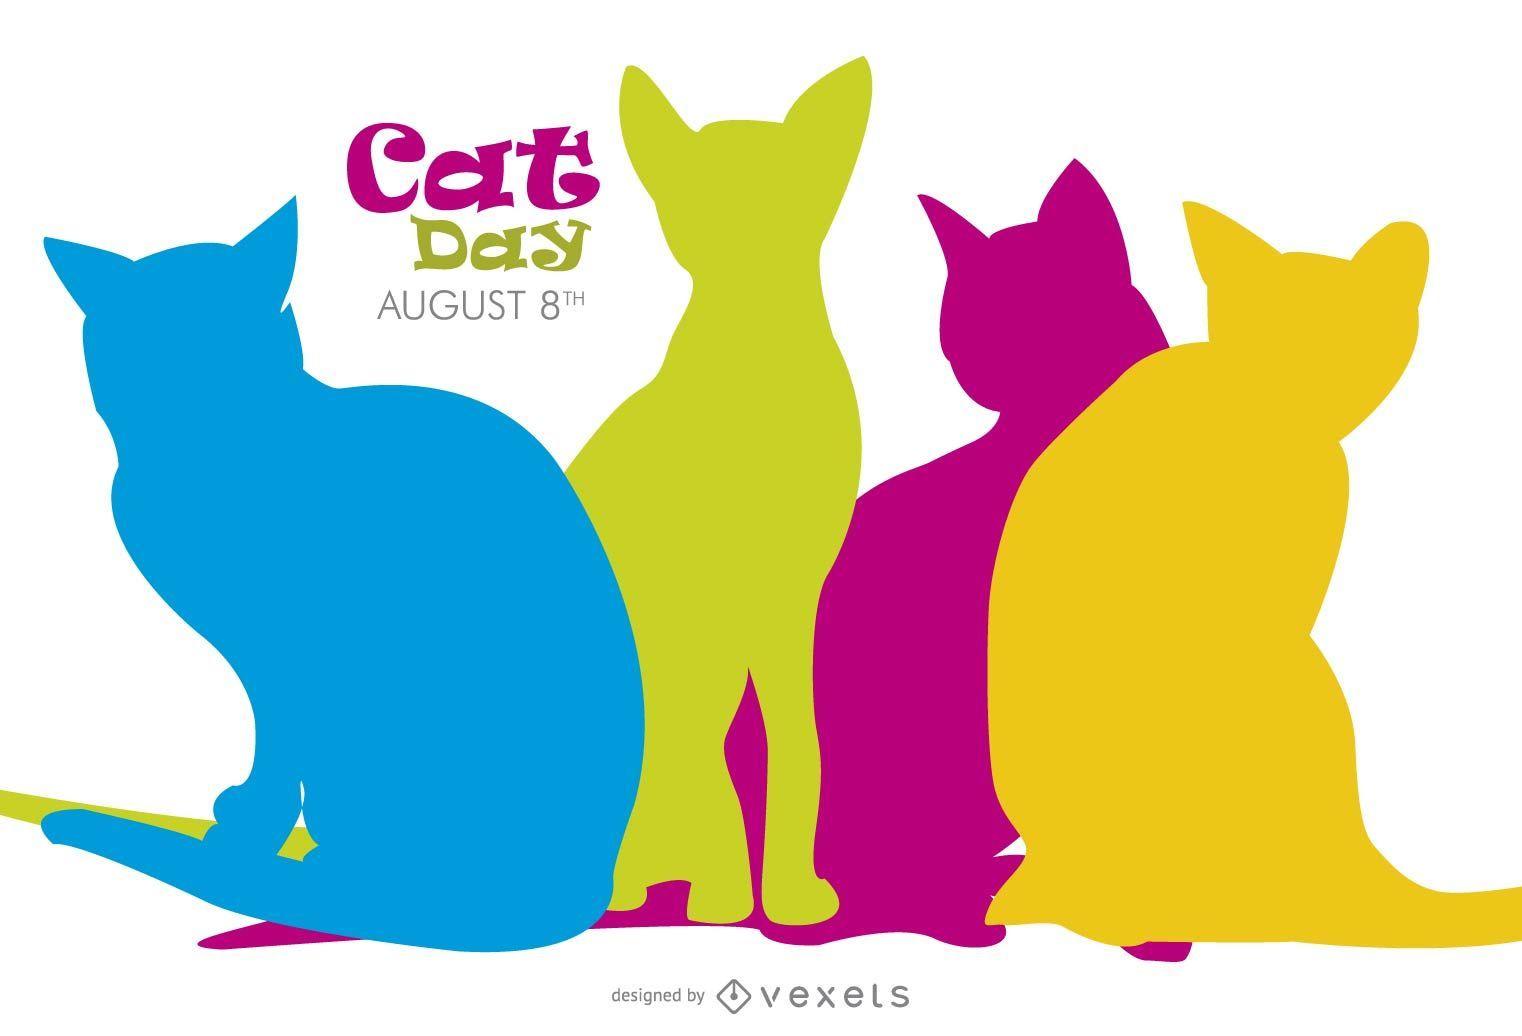 Siluetas Coloridas Del Día Del Gato Descargar Vector